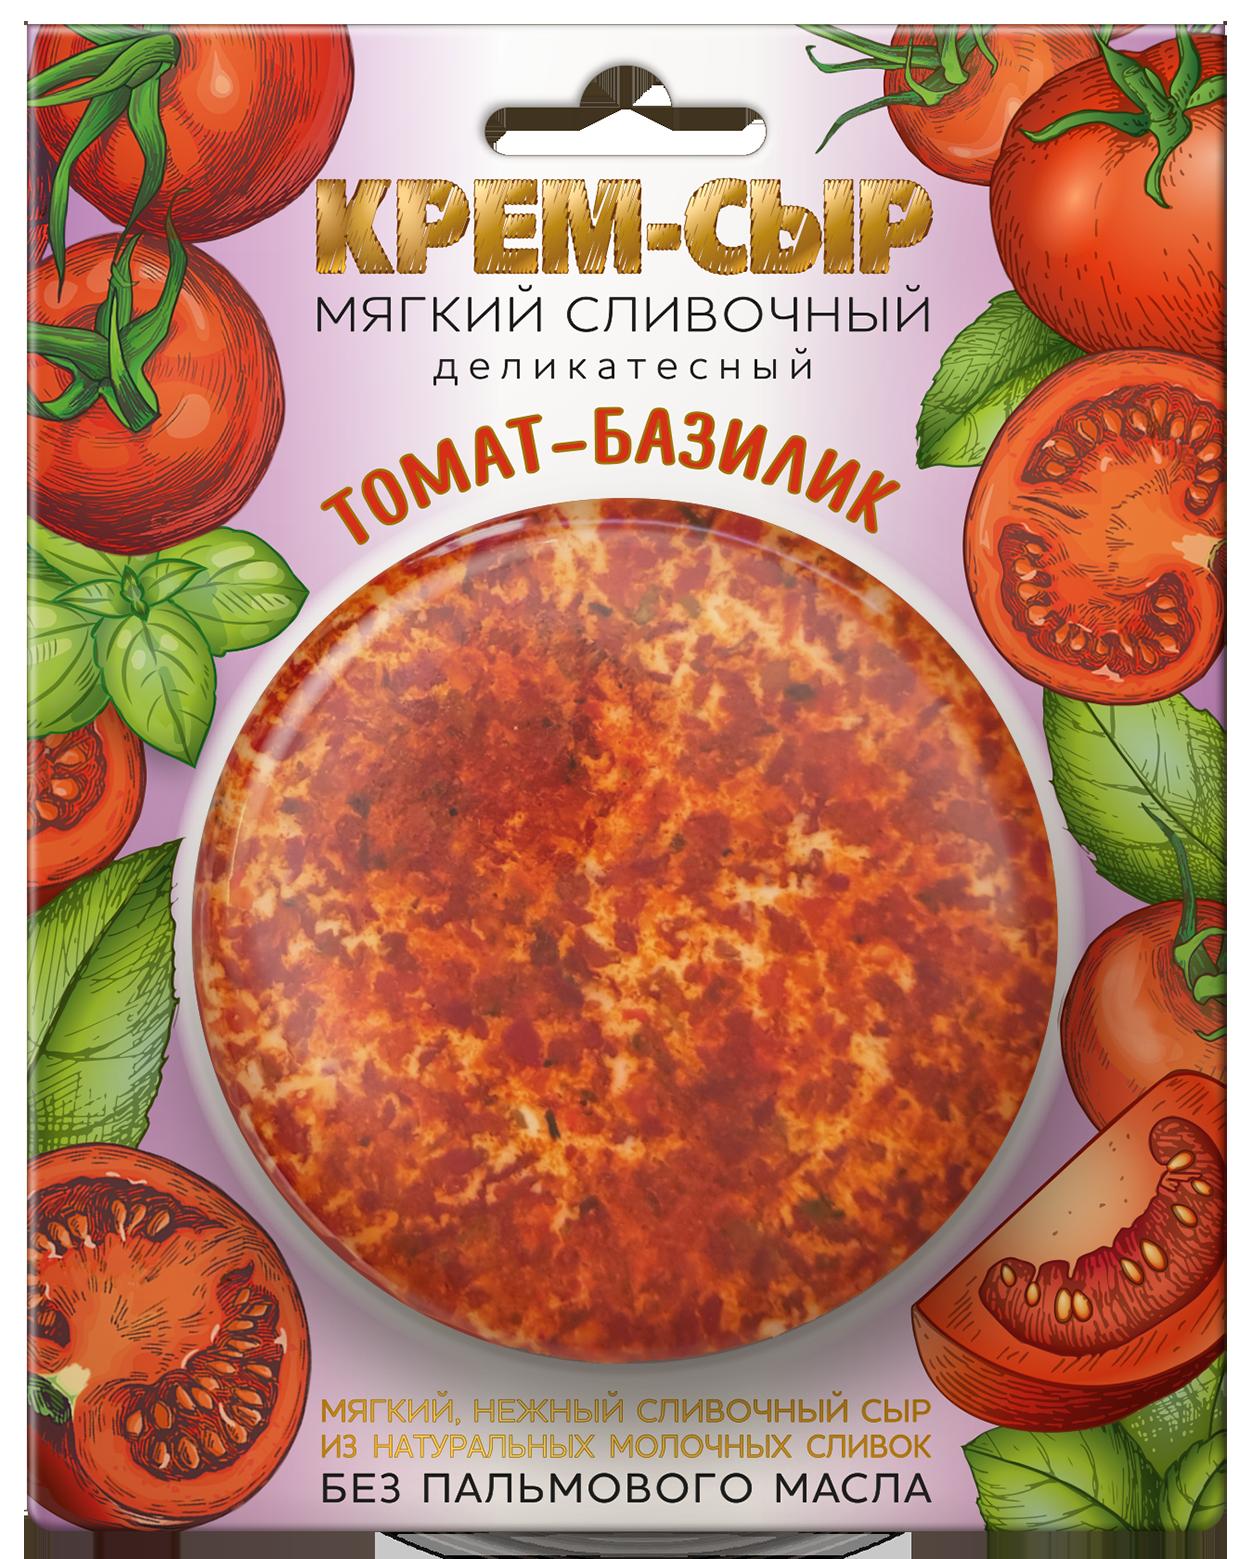 """Сыр мягкий сливочный """"ТОМАТ - БАЗИЛИК"""" 120г"""